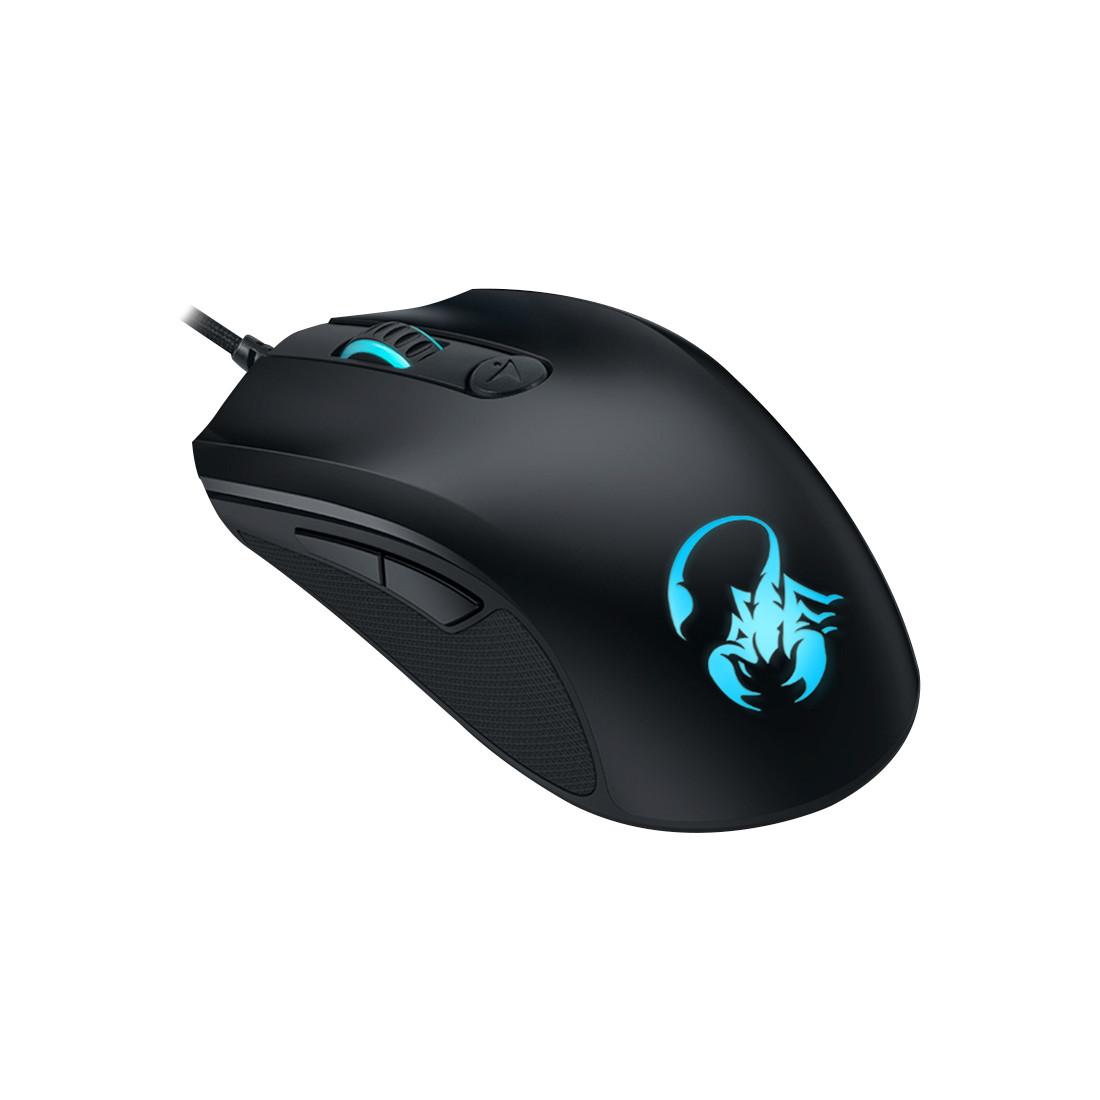 Компьютерная мышь Genius Scorpion M8-610